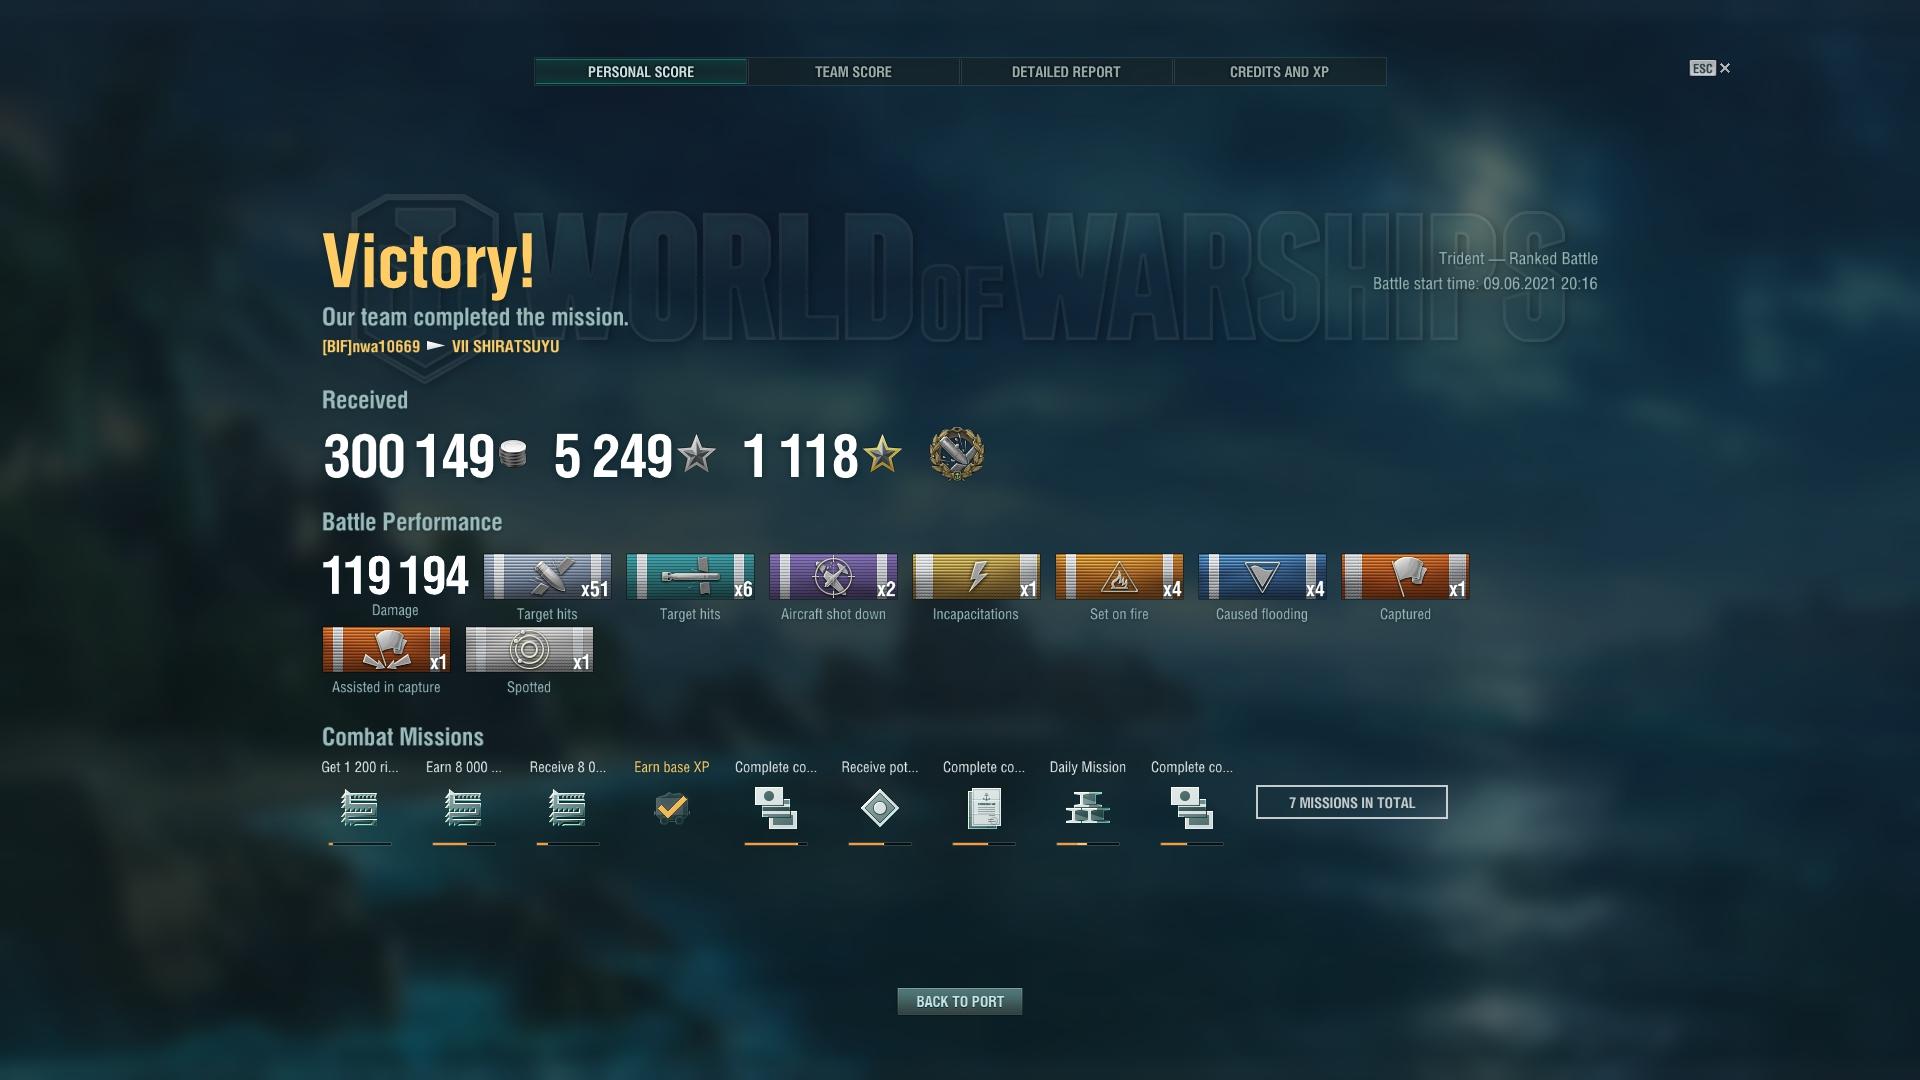 shot-21.06.09_20.33.57-0529.jpg